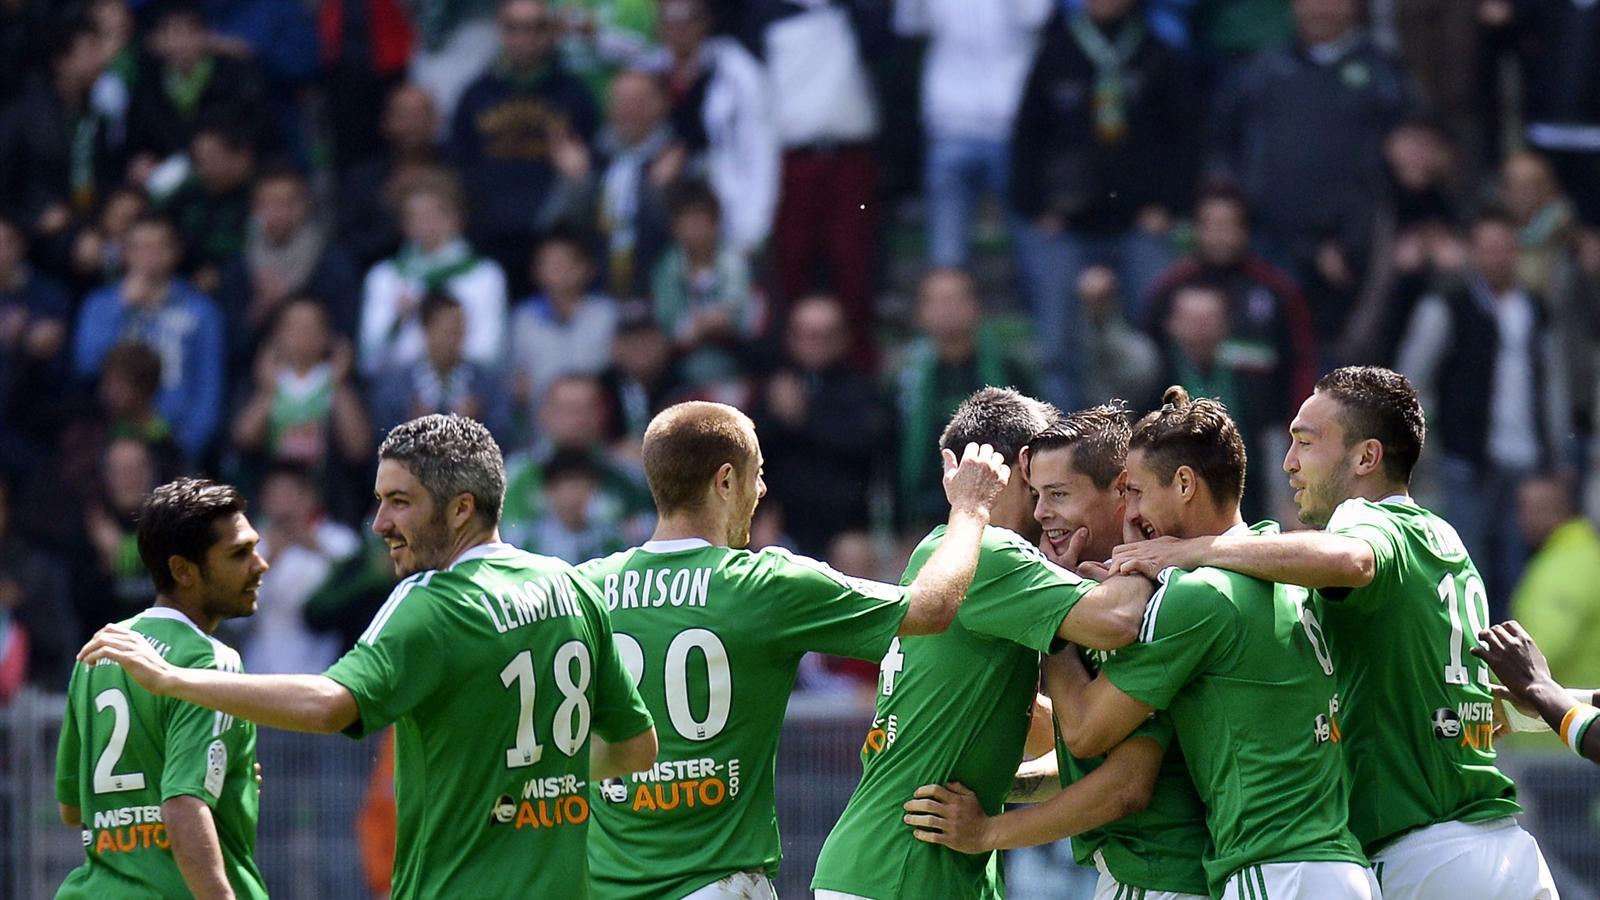 Ligue 1 36e j saint etienne bat montpellier 2 0 et tient son billet pour la coupe d - St etienne coupe d europe ...